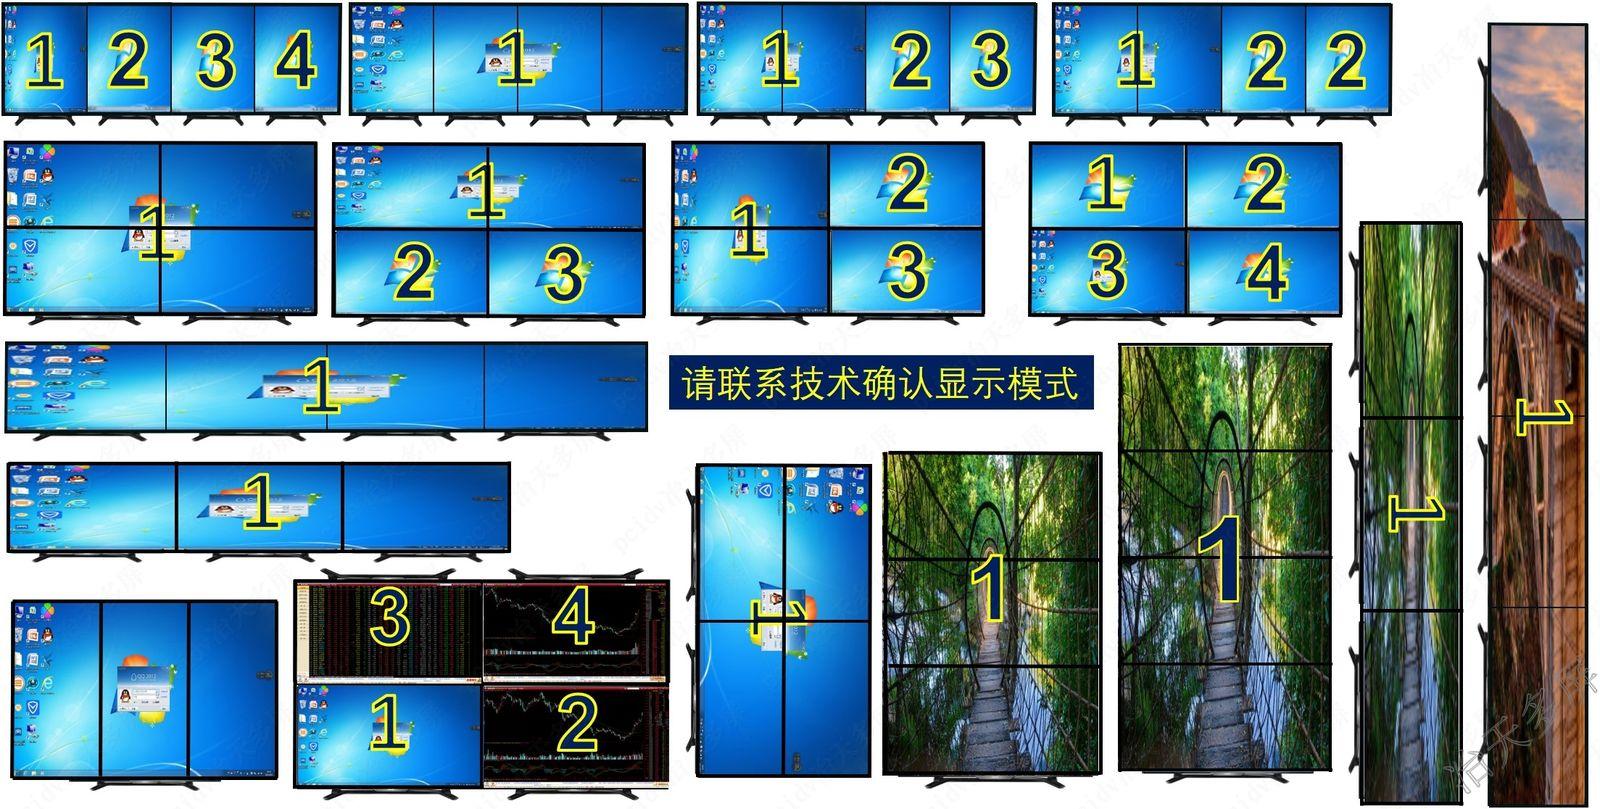 1行4列旋转纵向多屏拼接4屏显卡选择冶天显卡